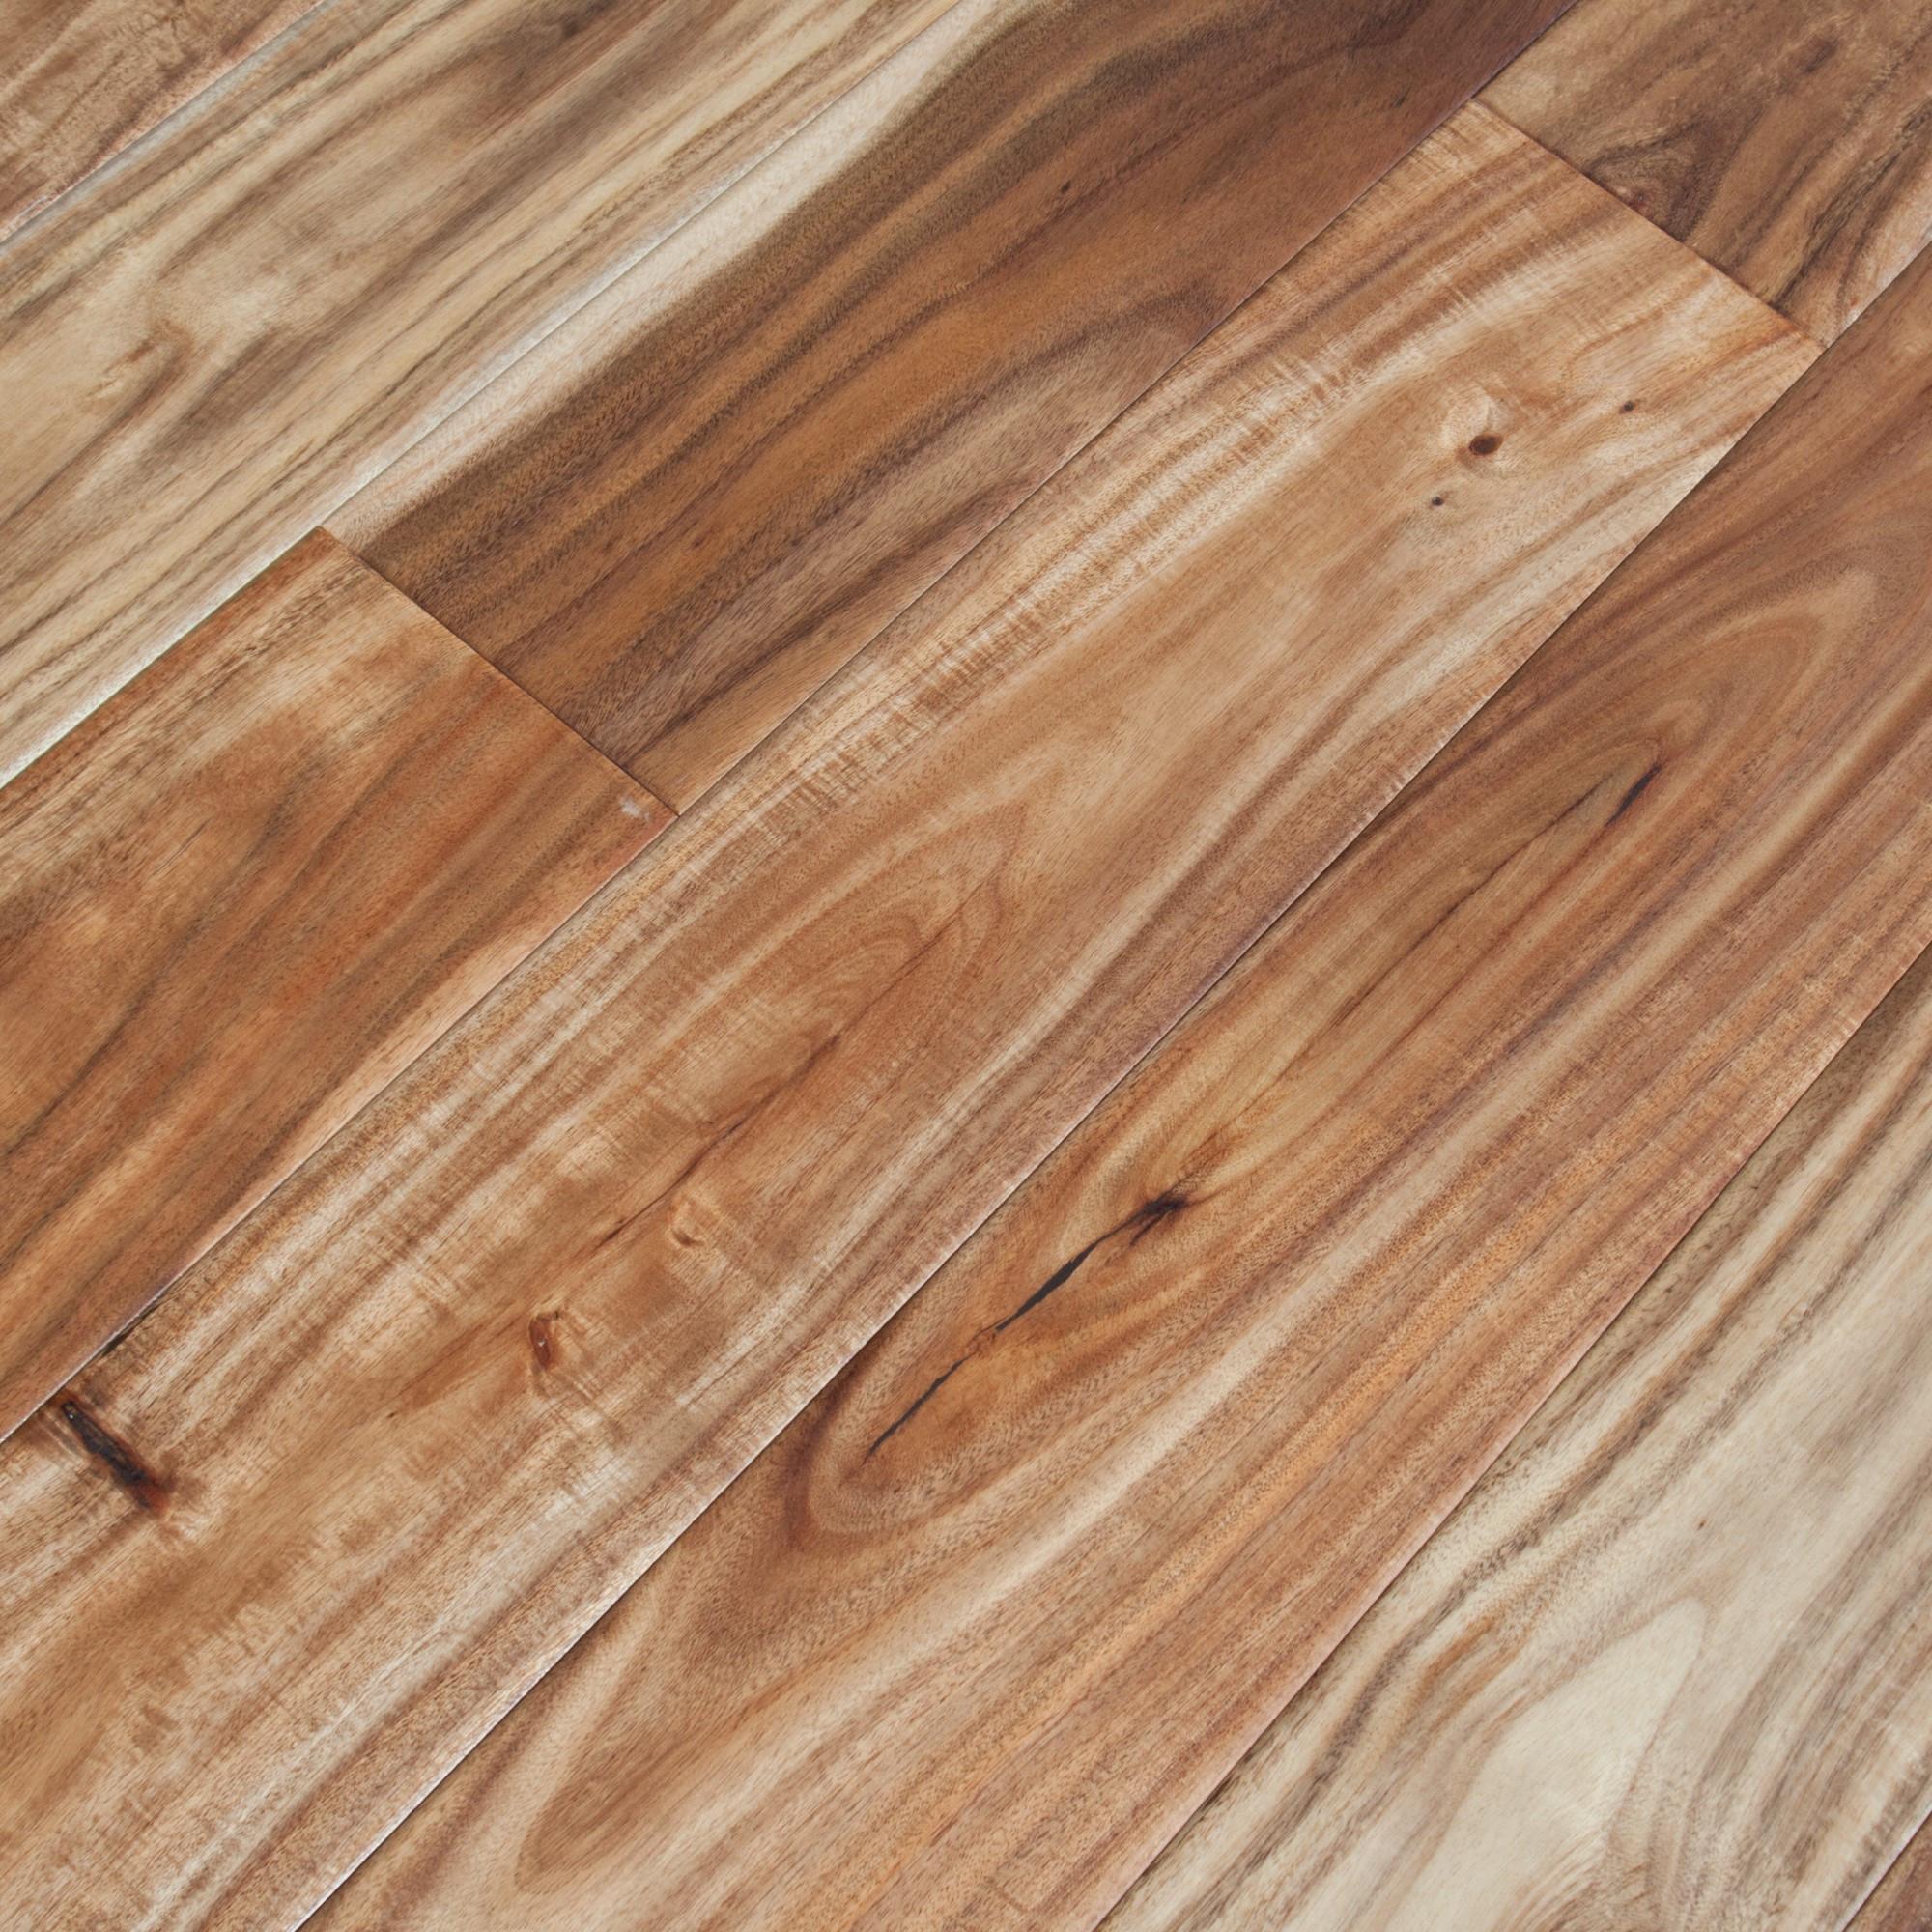 best unfinished hardwood flooring of 14 unique acacia solid hardwood flooring pics dizpos com inside acacia solid hardwood flooring unique 9 mile creek acacia hand scraped images of 14 unique acacia